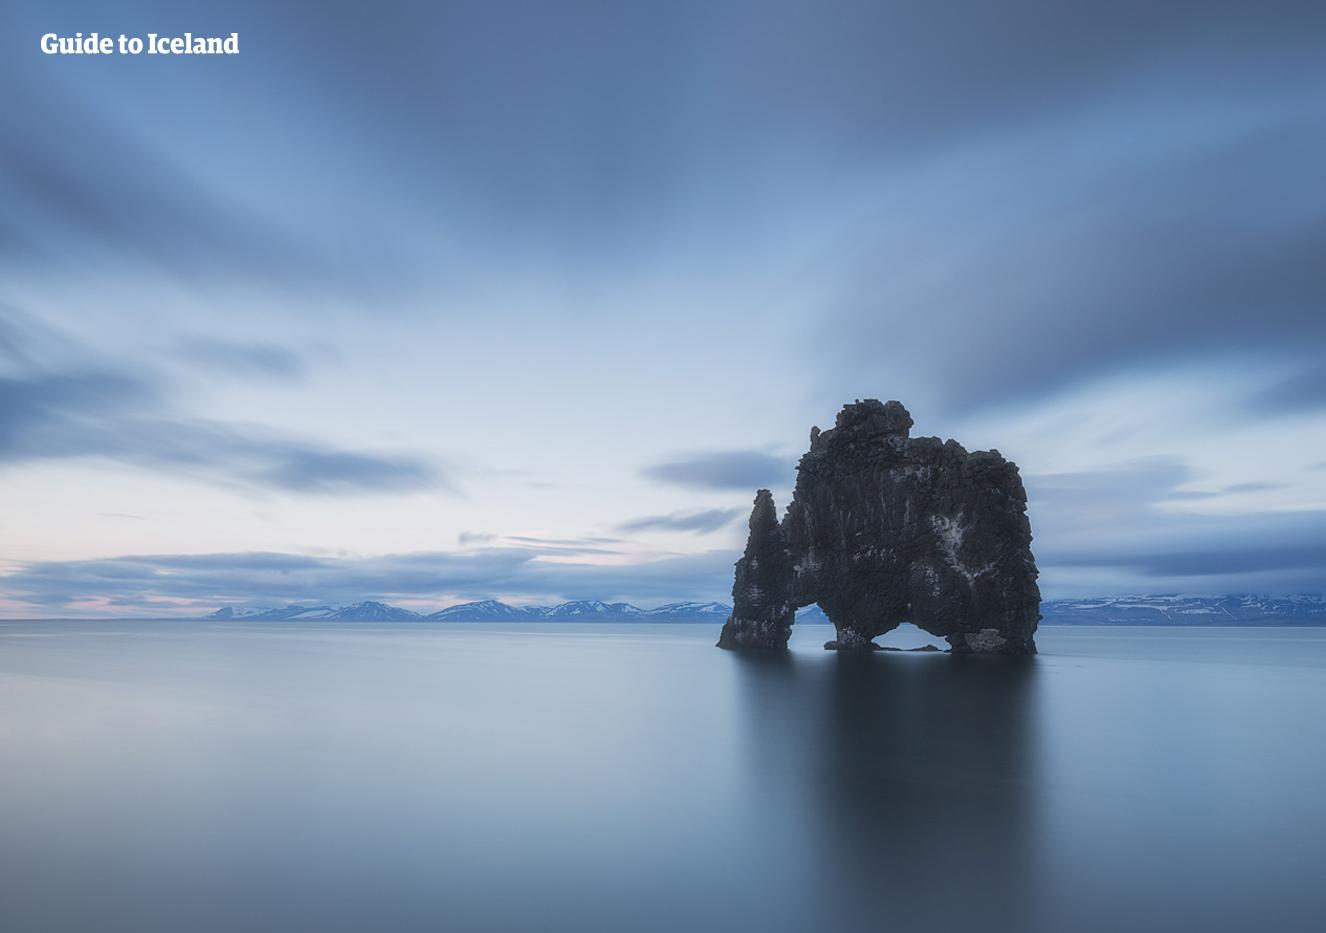 8-dniowa letnia, samodzielna wycieczka po całej obwodnicy Islandii z naciskiem na południowe wybrzeże - day 7